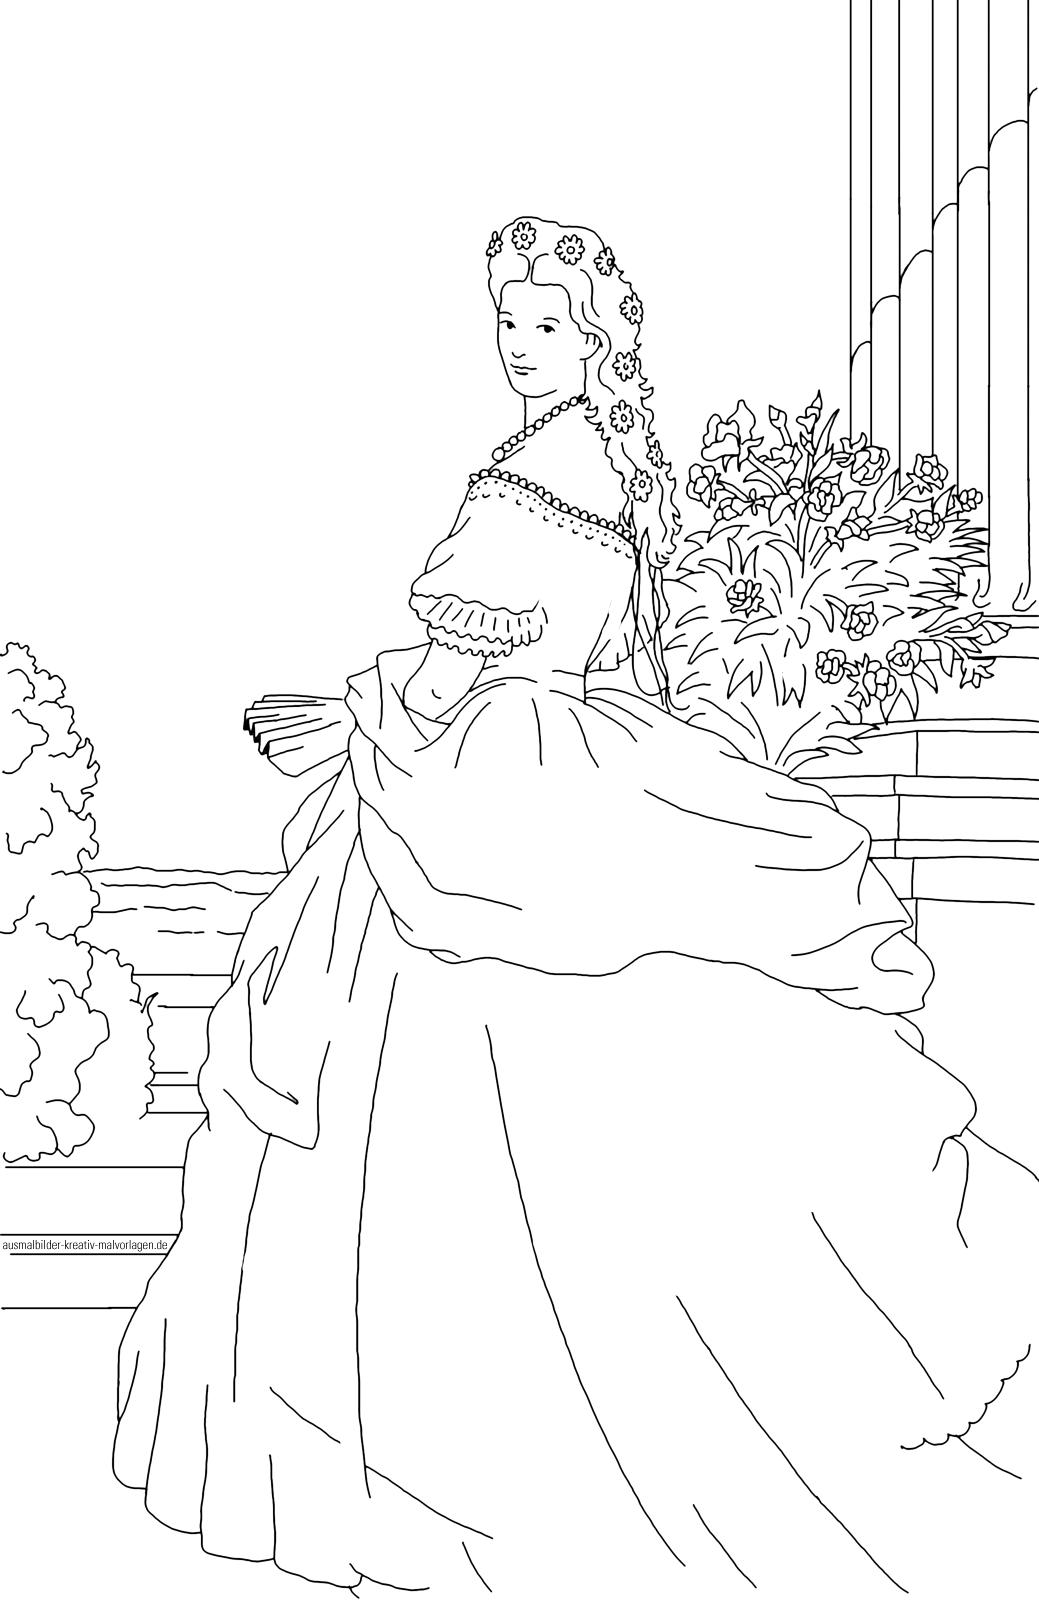 Ausmalbilder Topmodel Meerjungfrau : Ausmalbilder Topmodel Kostenlos 178 Jpg 1039 1600 Aty